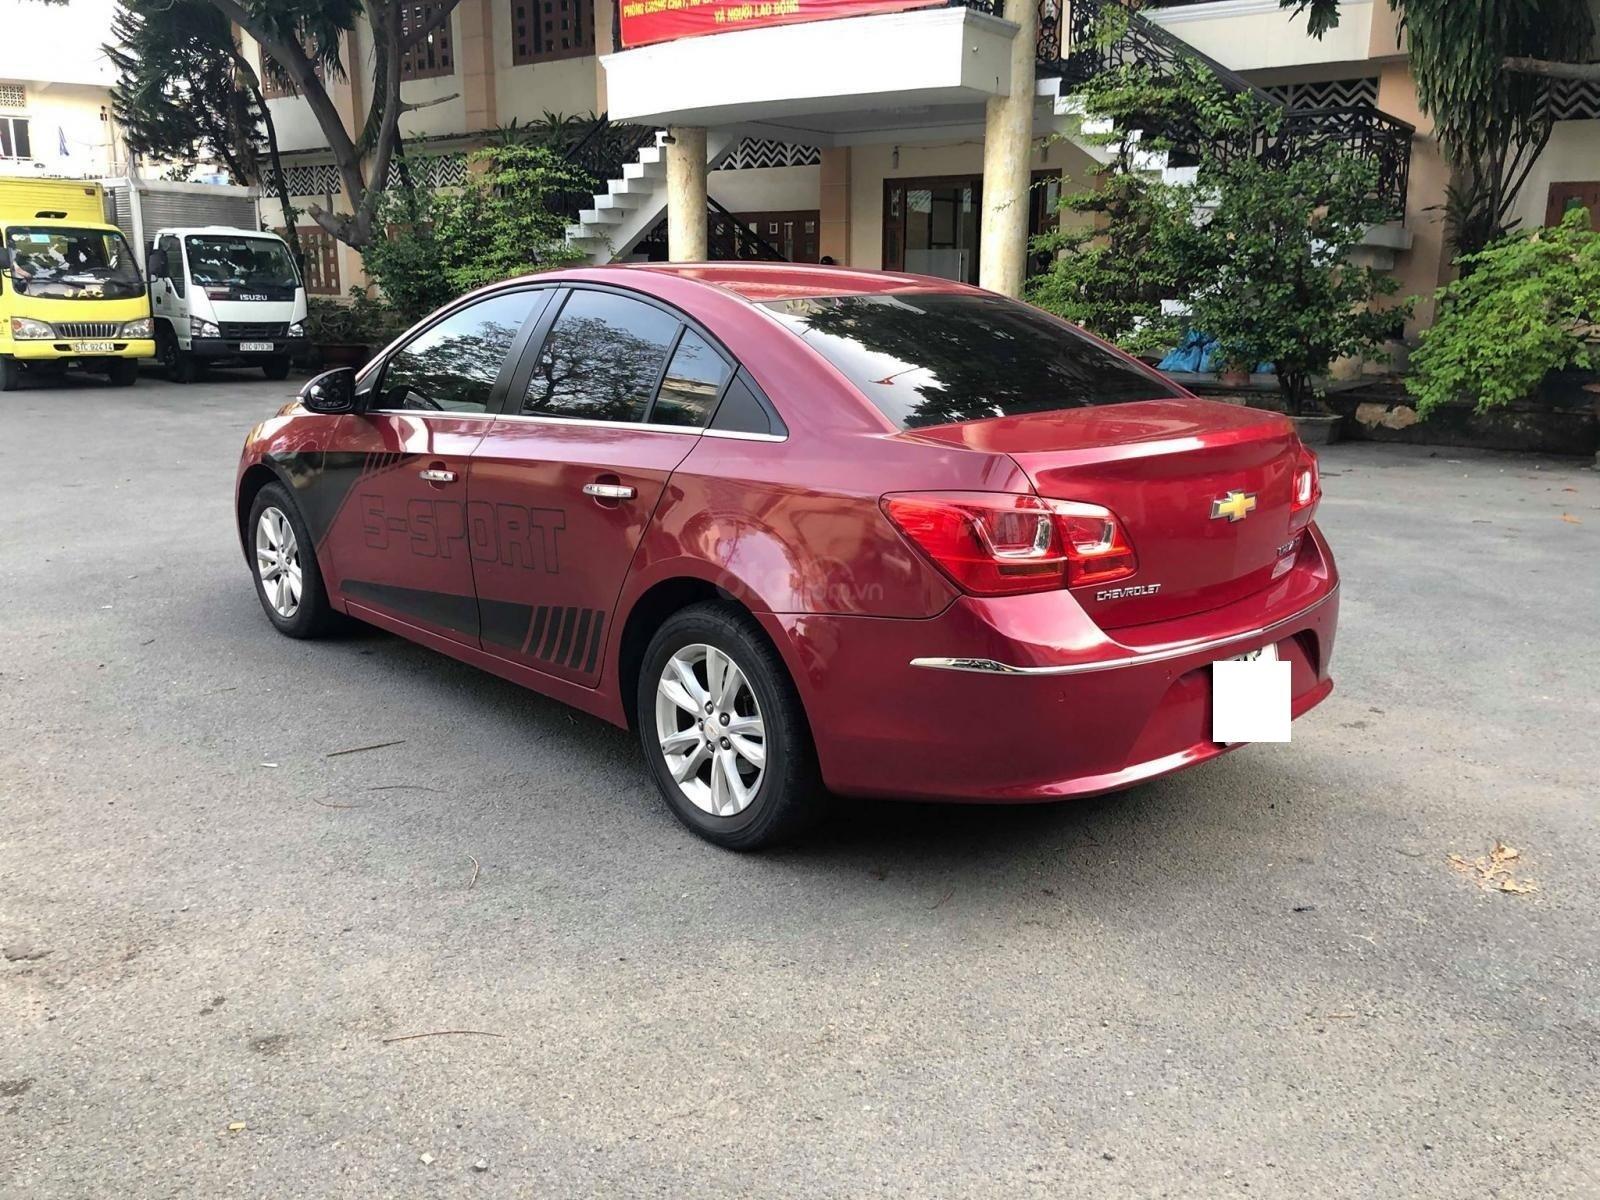 Bán Chevrolet Cruze số sàn, sản xuất năm 2016, giá rẻ (6)